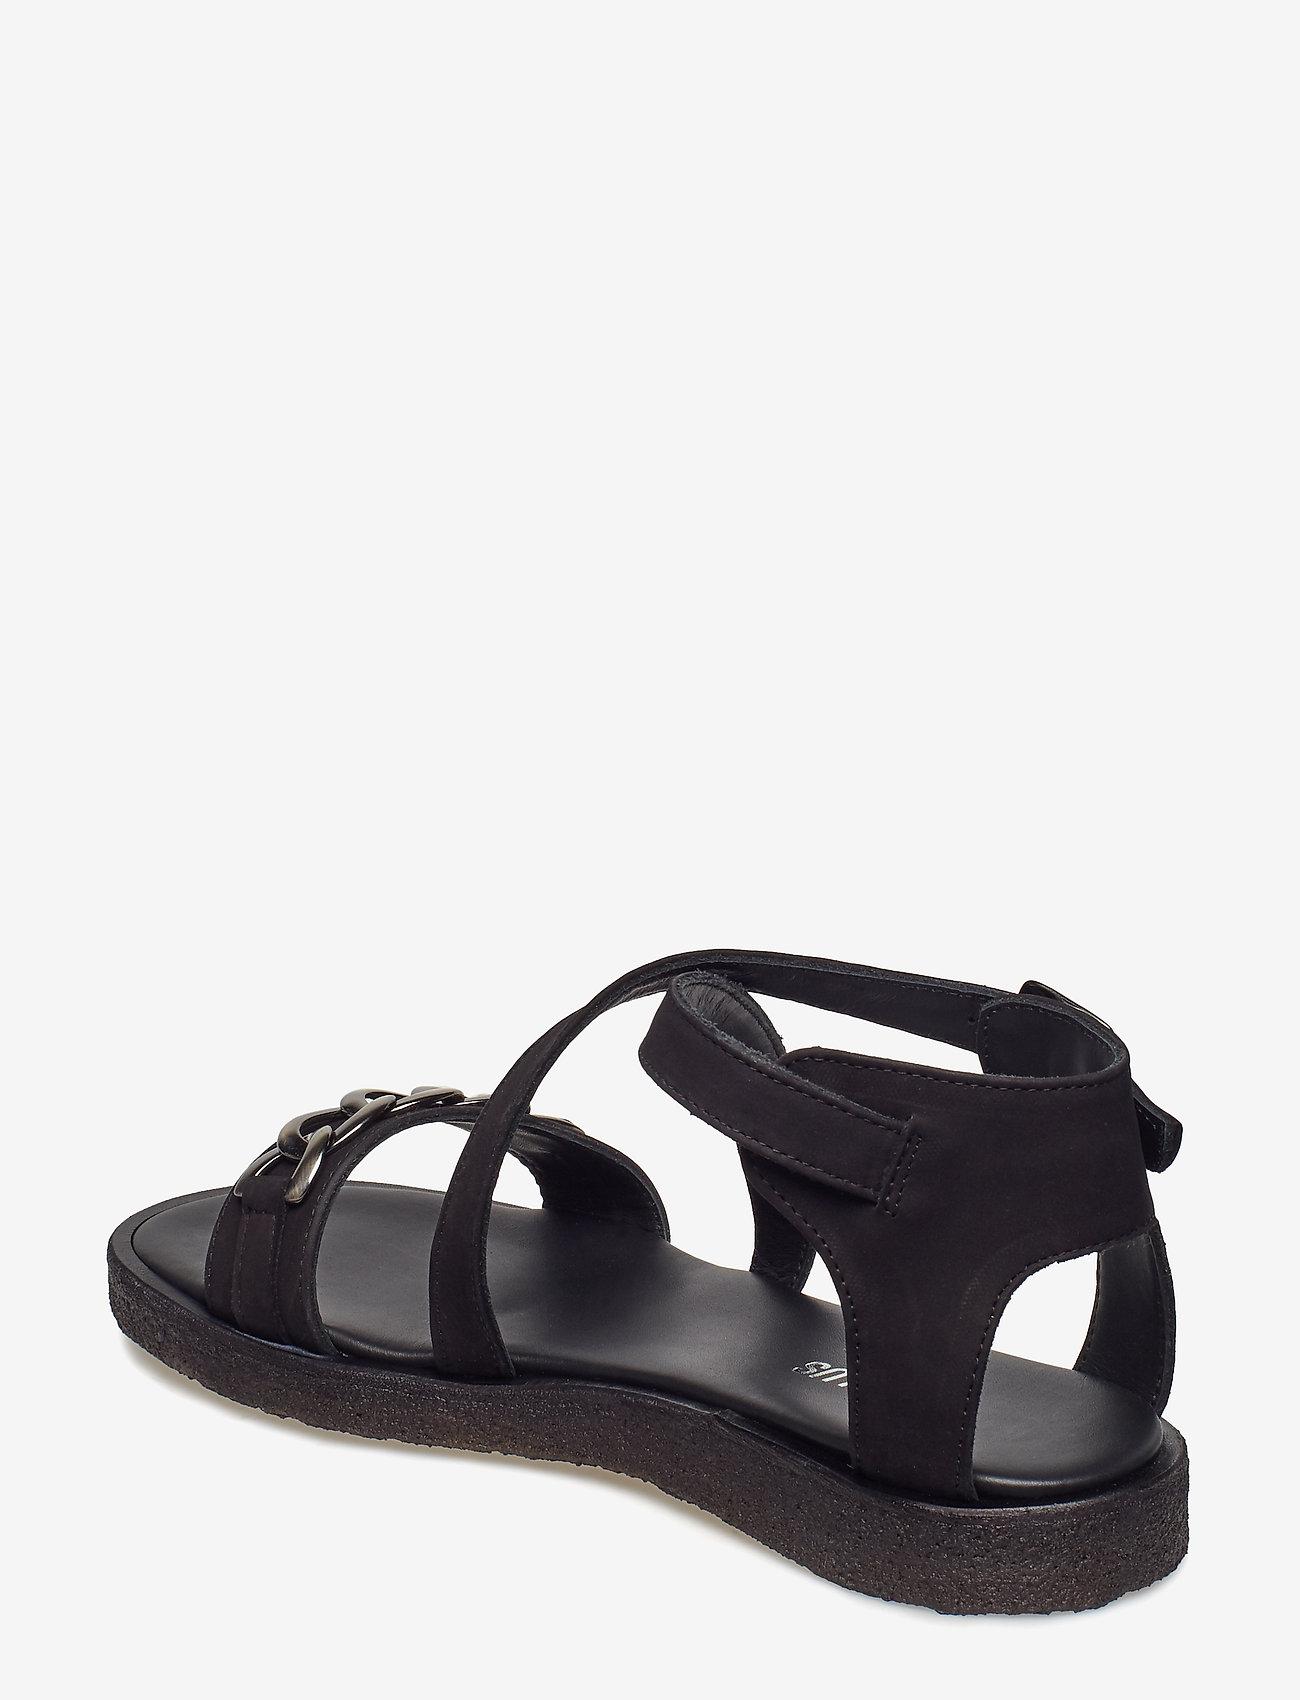 Sandals - Flat - Open Toe - Op (1200 Black) - ANGULUS